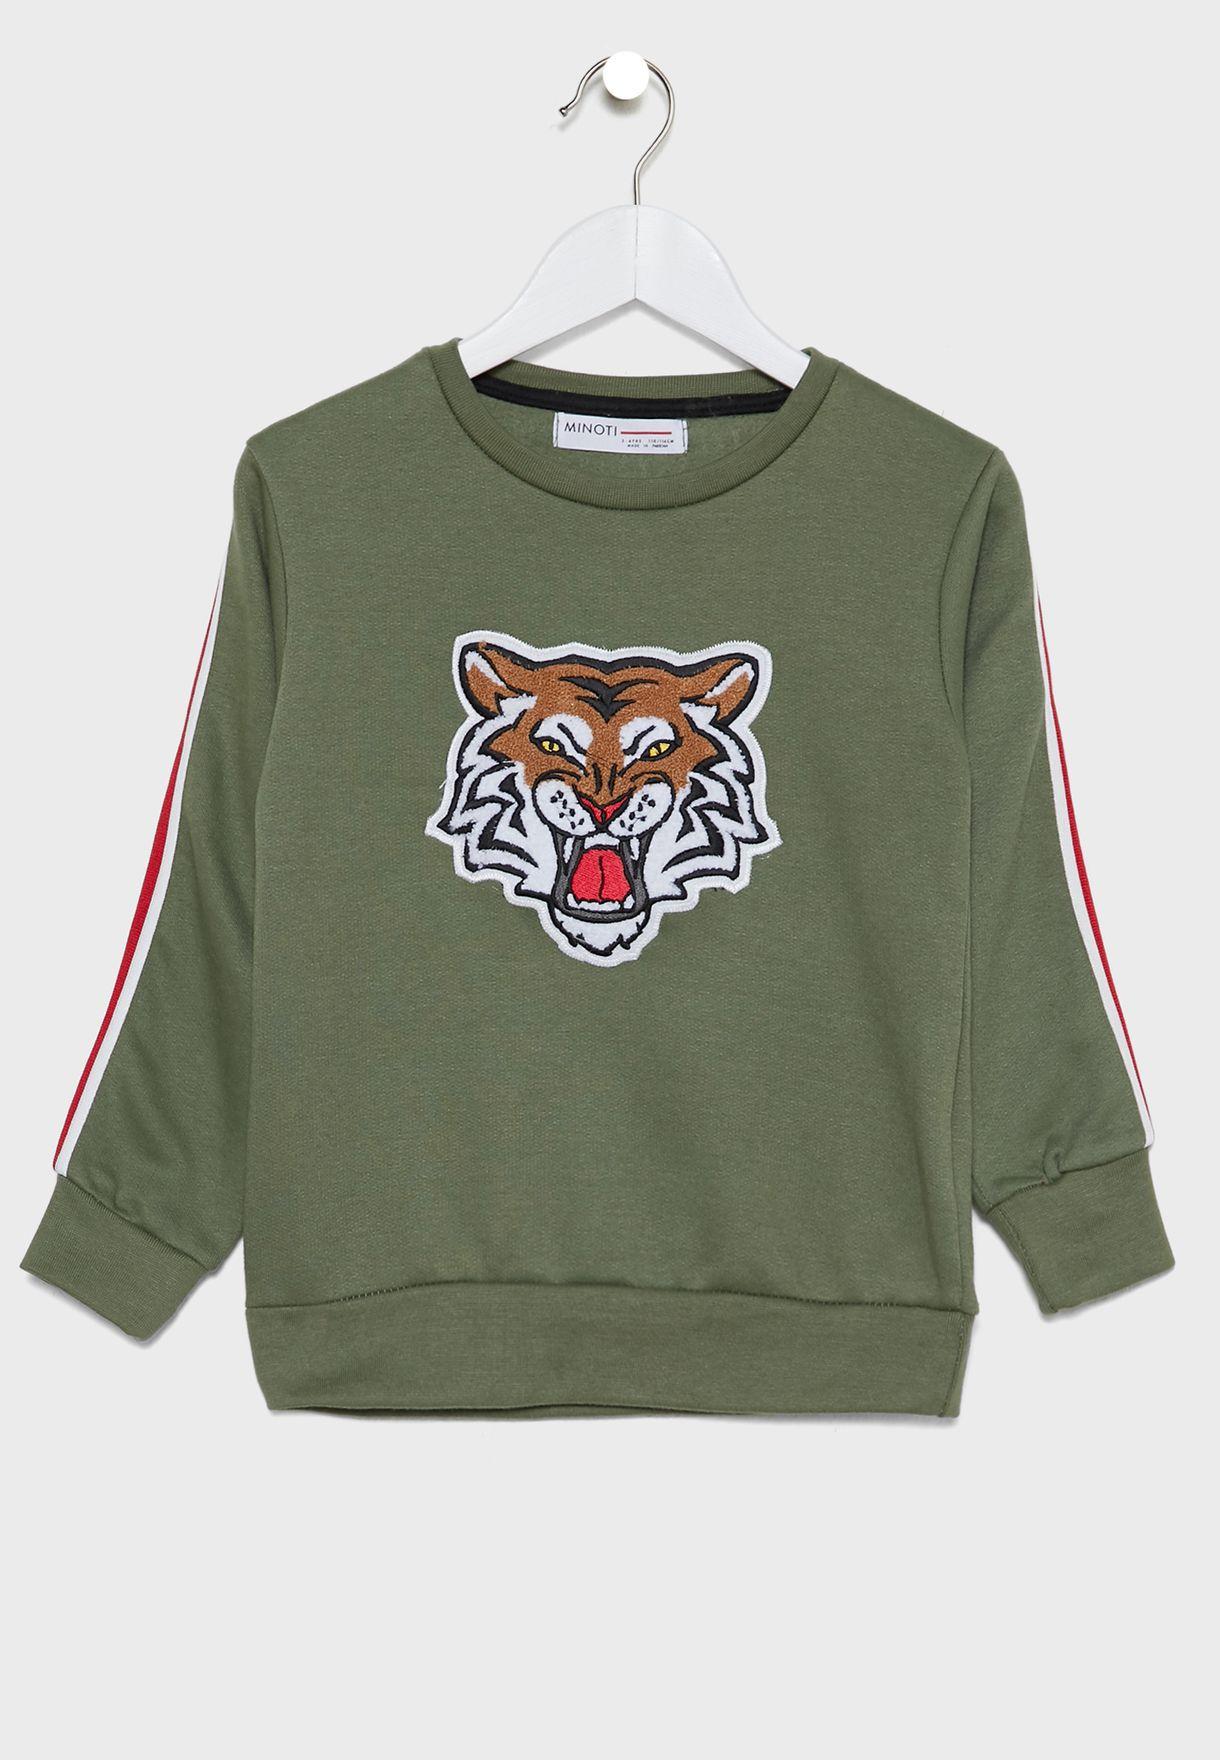 بدلة رياضية بطباعة نمر